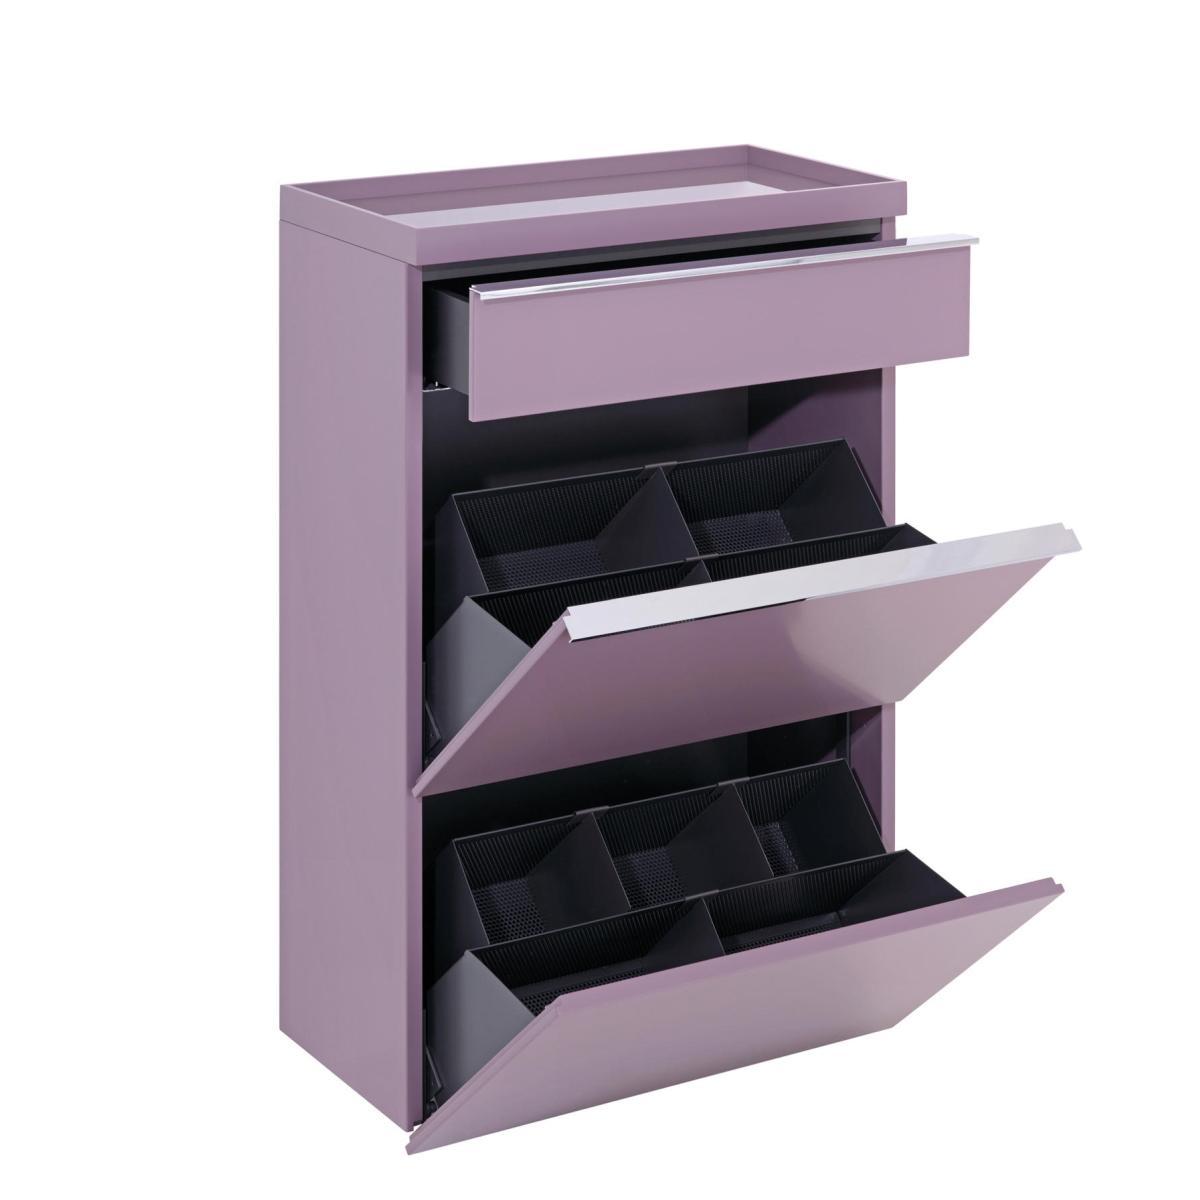 BASIC Schuhschrank mit Schublade und Ablagetablett, geöffnet